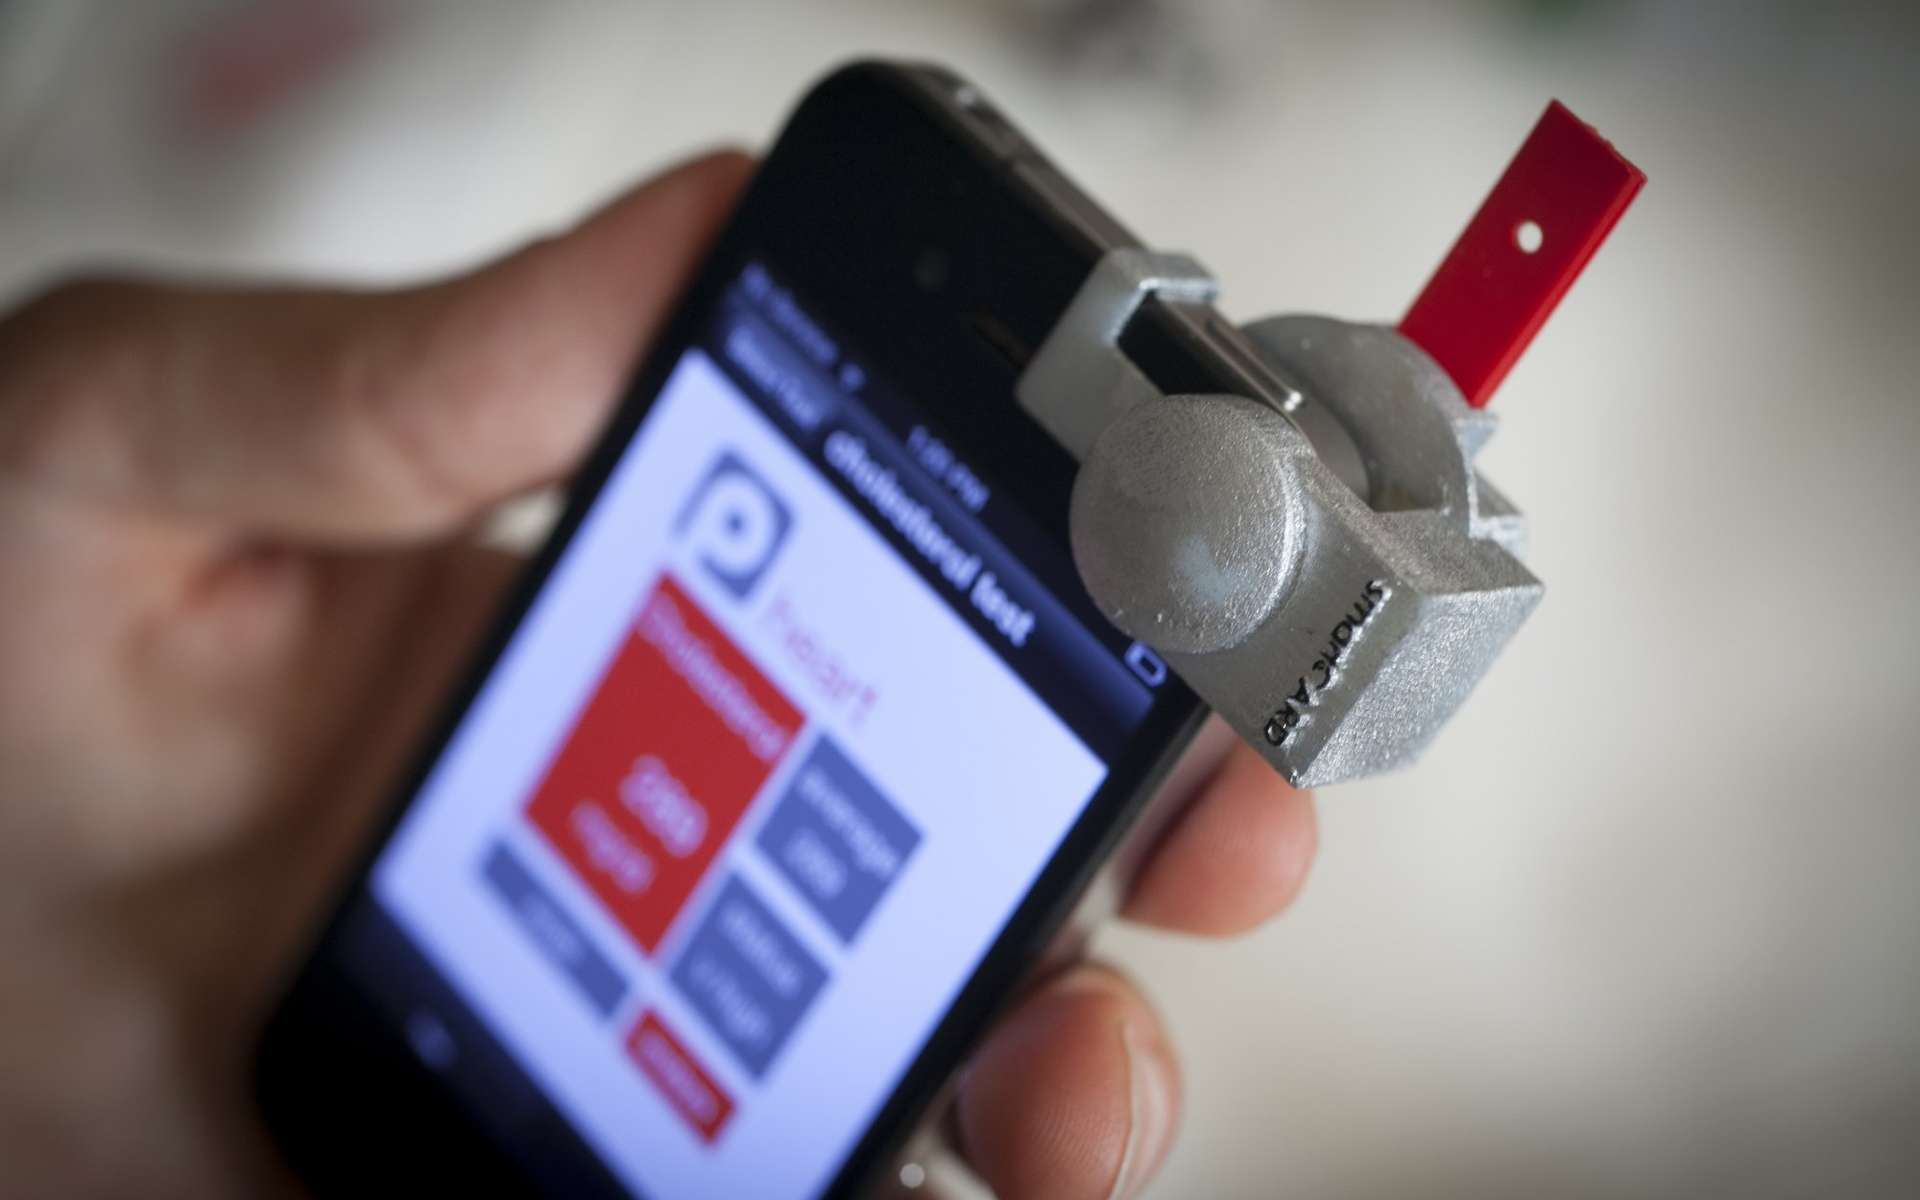 Après avoir déposé une goutte de sang sur la plaquette rouge, l'utilisateur l'introduit dans le boîtier SmartCard, fixé sur le smartphone devant l'appareil photo, et lance l'application. Voilà comment mesurer le taux de cholestérol aussi facilement qu'un diabétique surveille sa glycémie. © Université Cornell